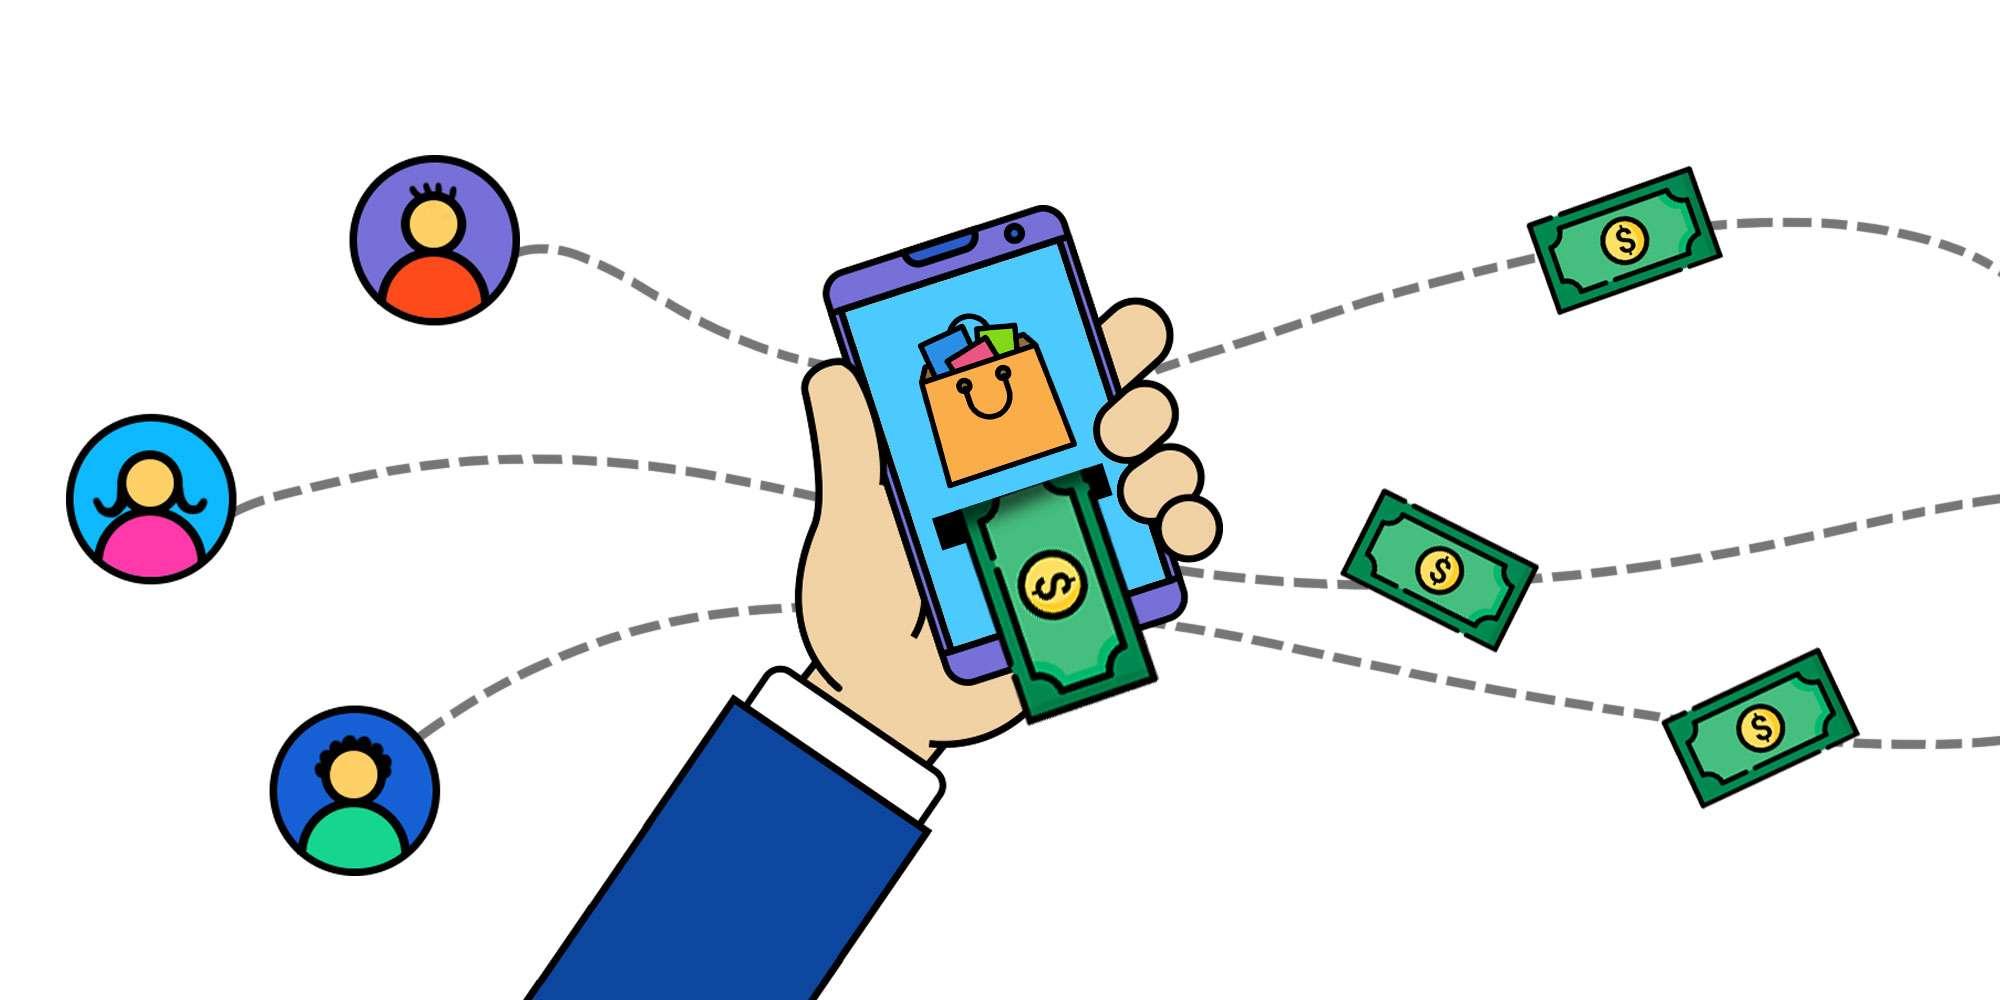 مزایای اتریبیوشن برای اپ های مالی